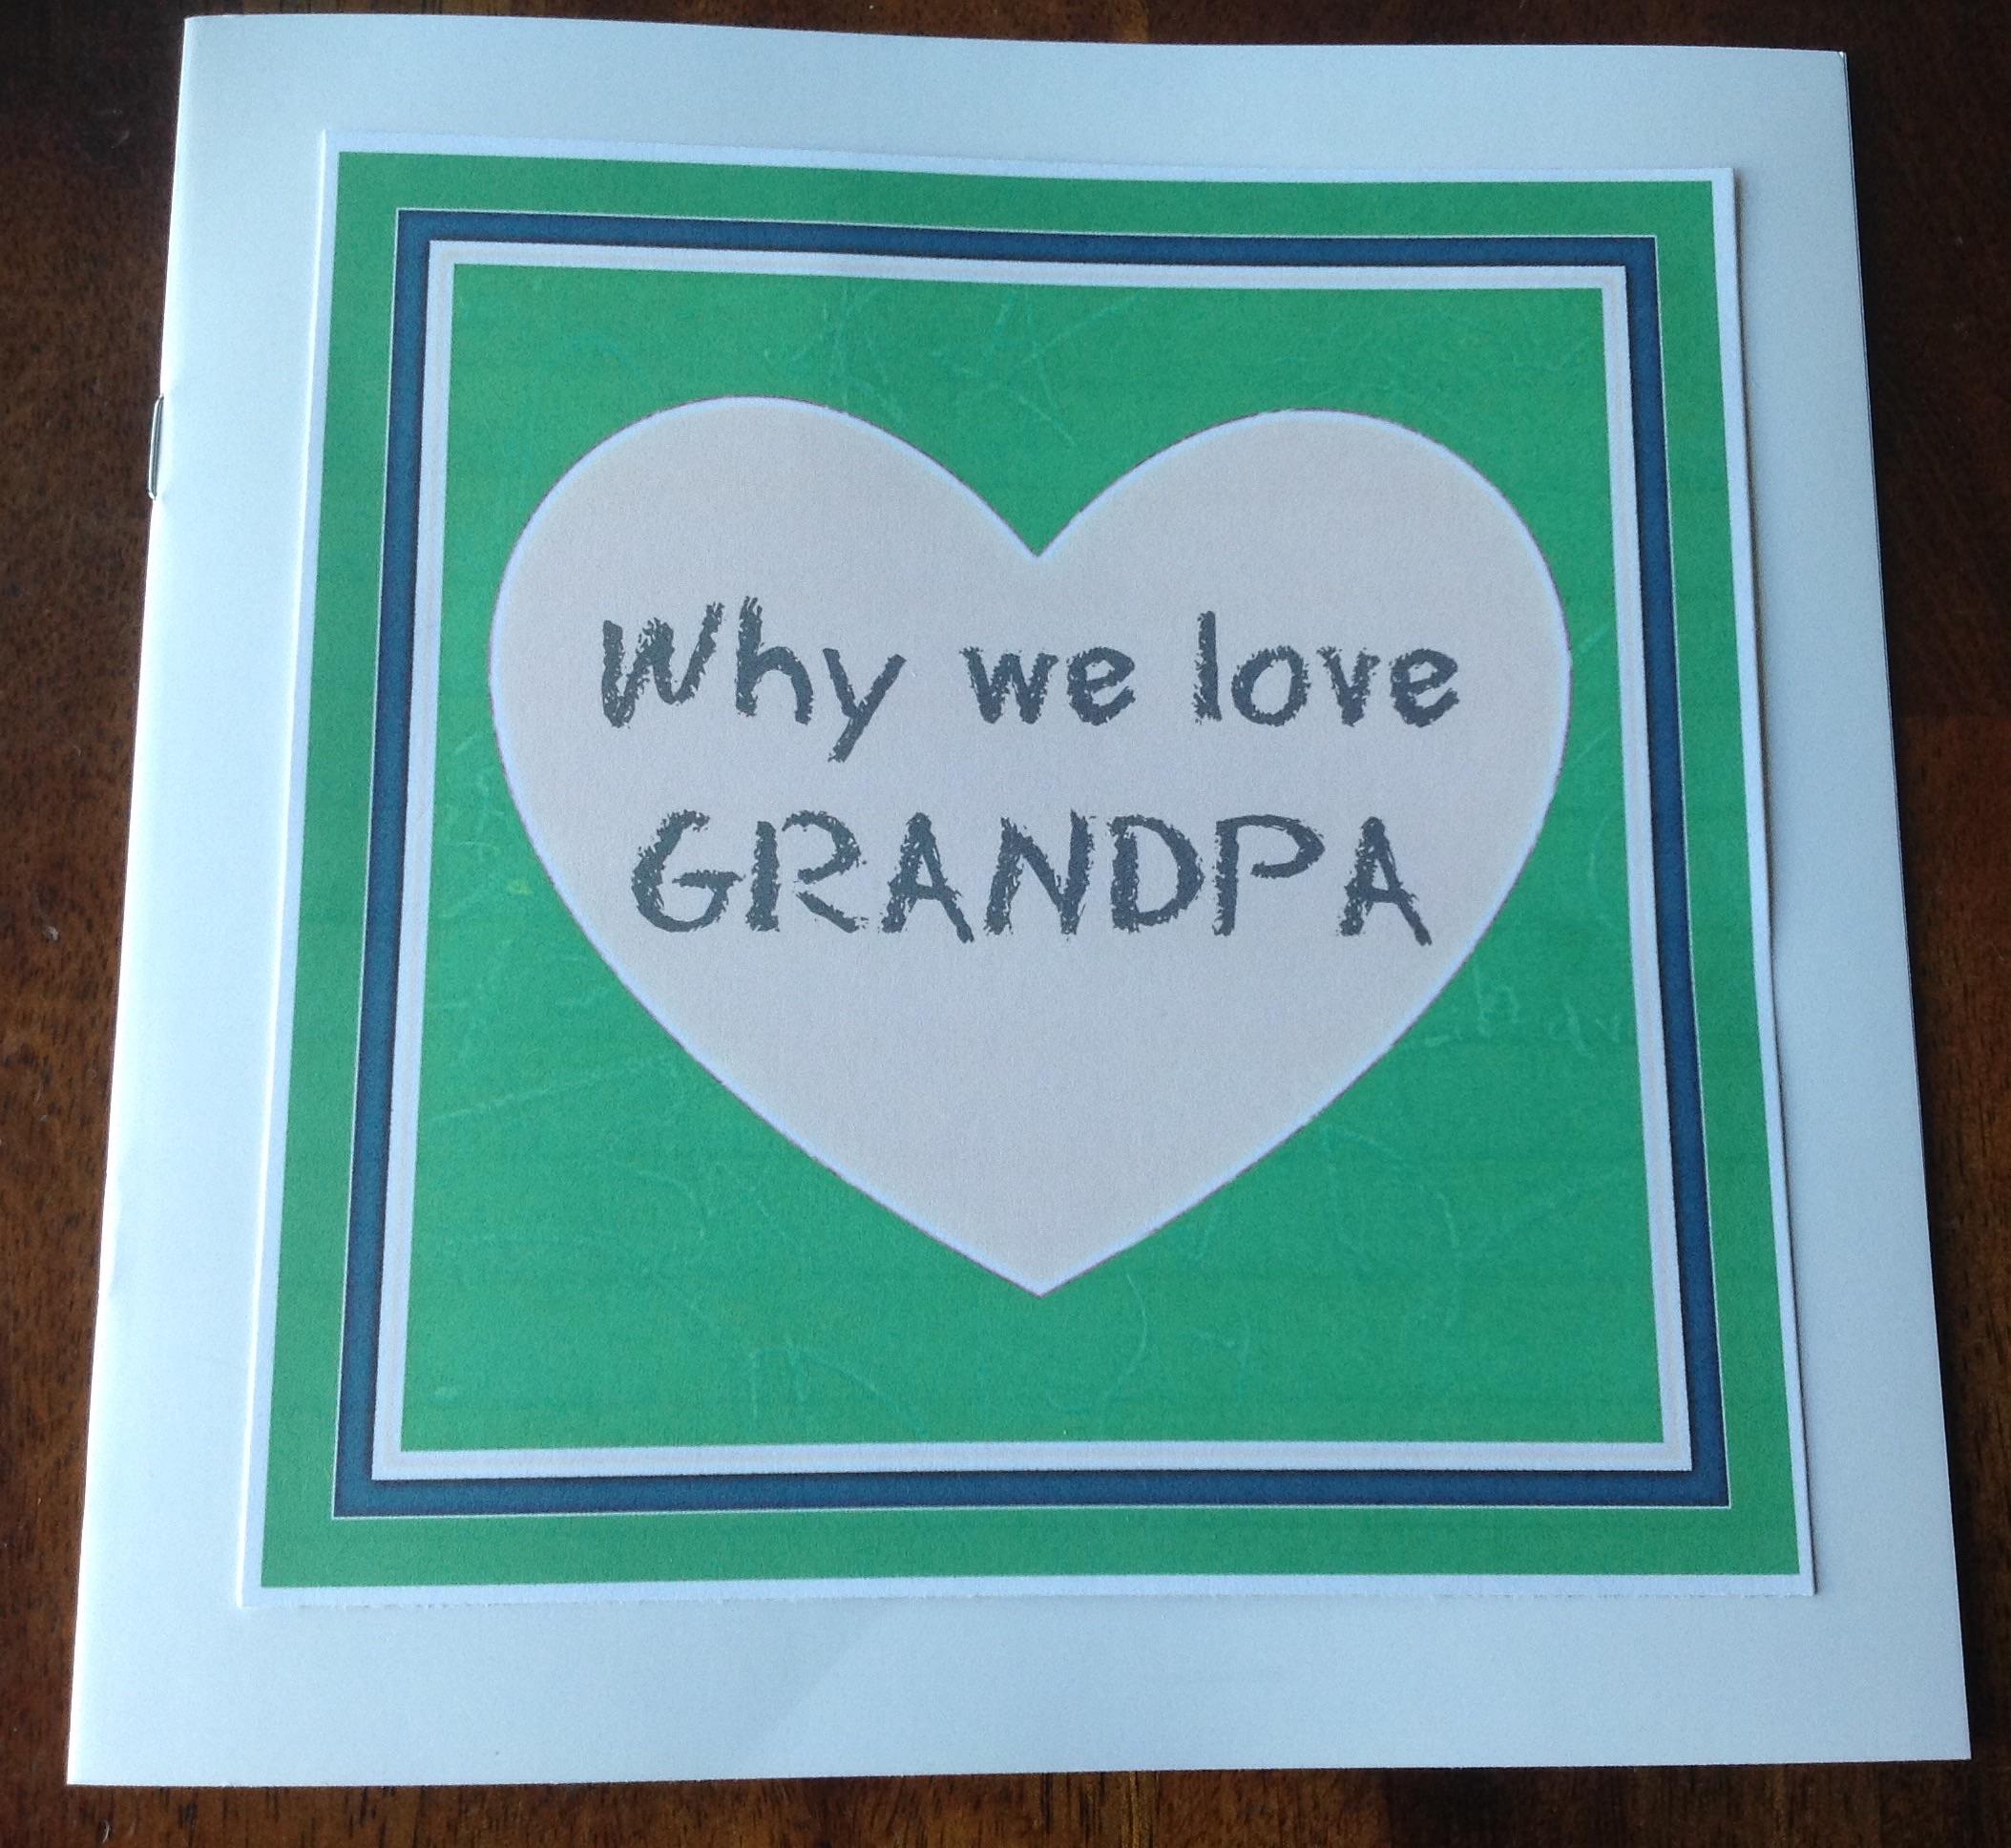 Father's Day gift idea for Grandpa